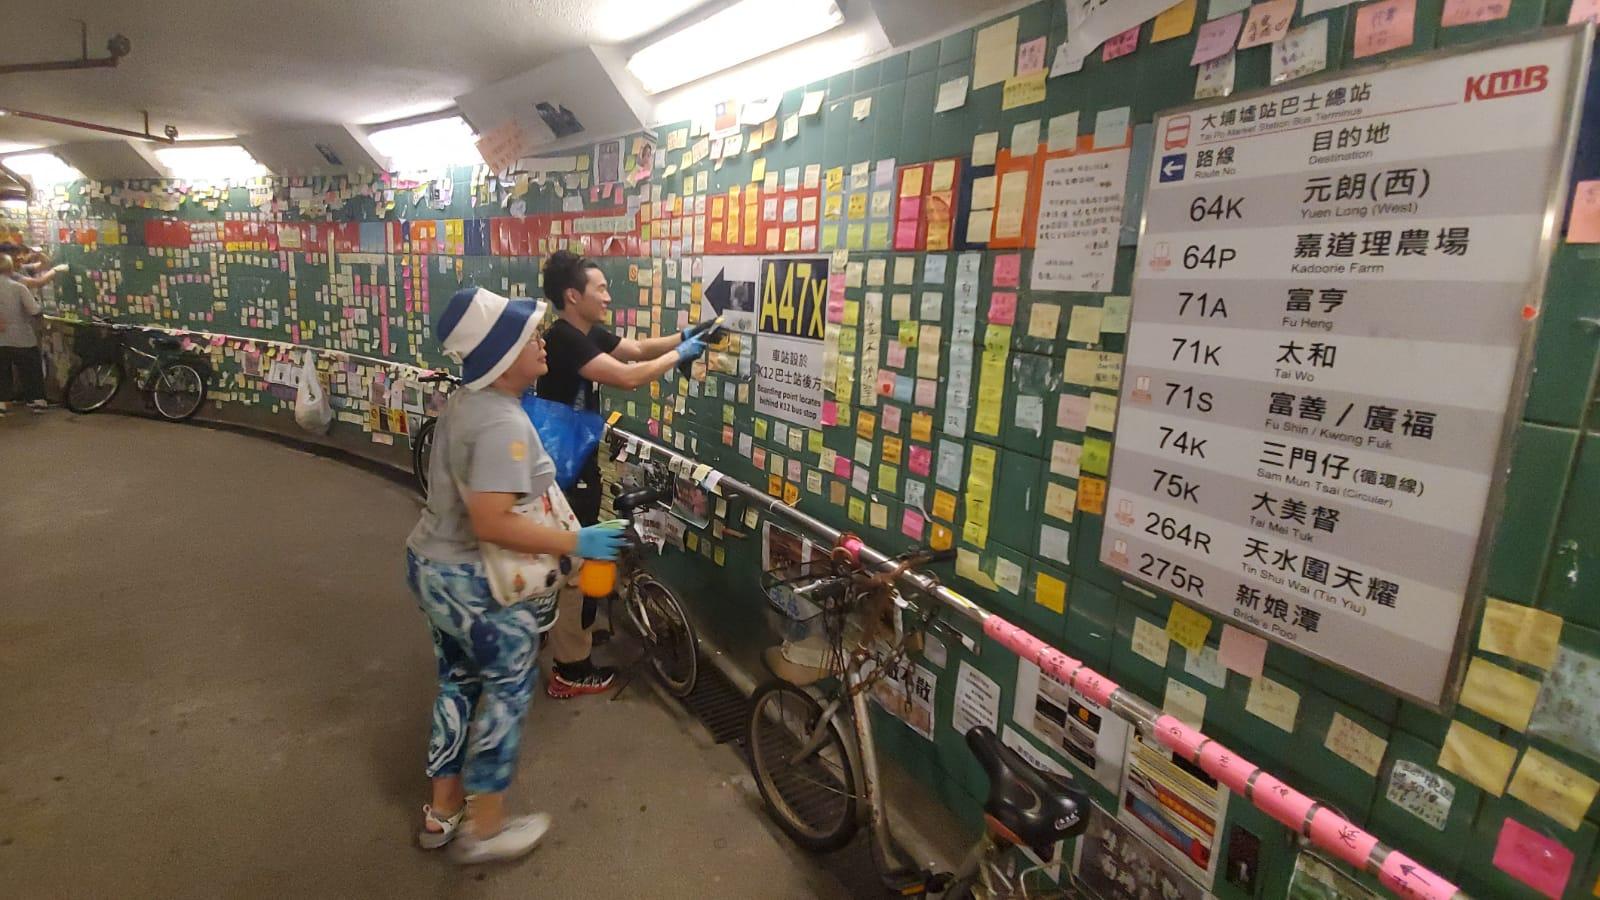 大埔連儂牆隧道有數十名市民到場清理。 林思明攝